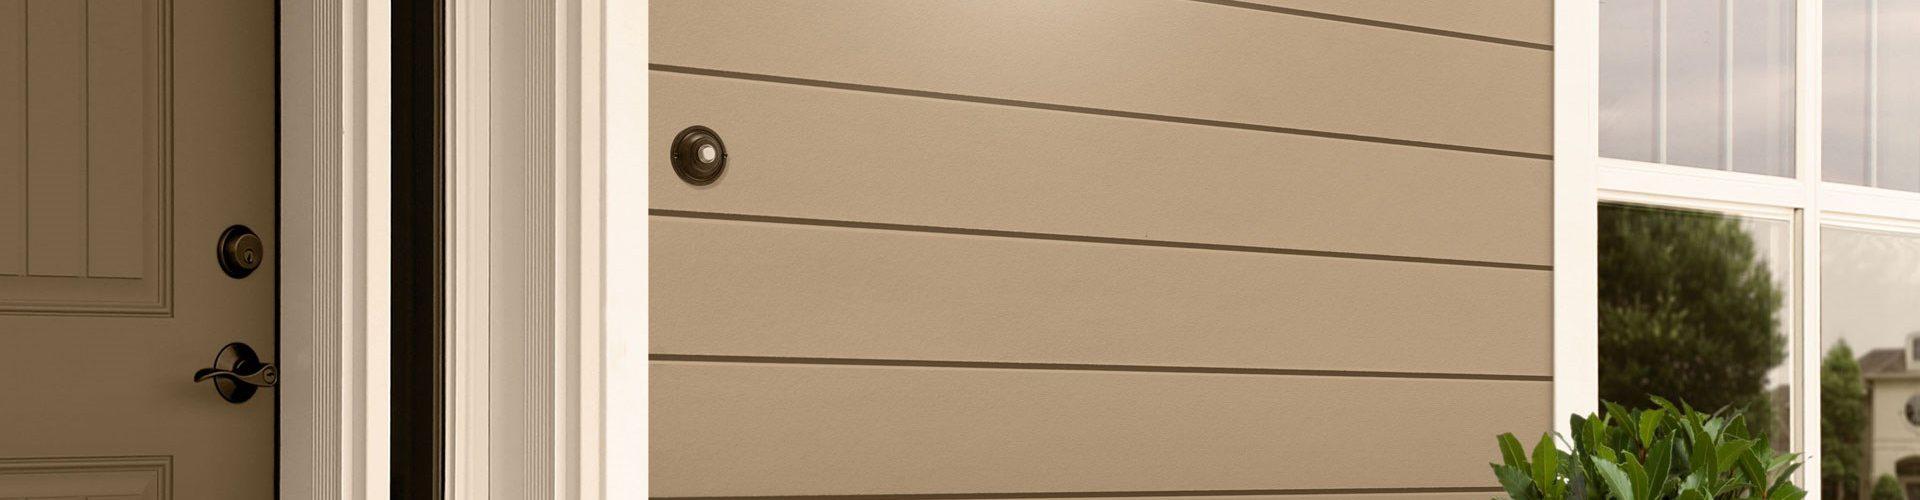 Cedral Click Smooth C11 Maakollane - fassaad - sile fassaadilaud - voodrilaud